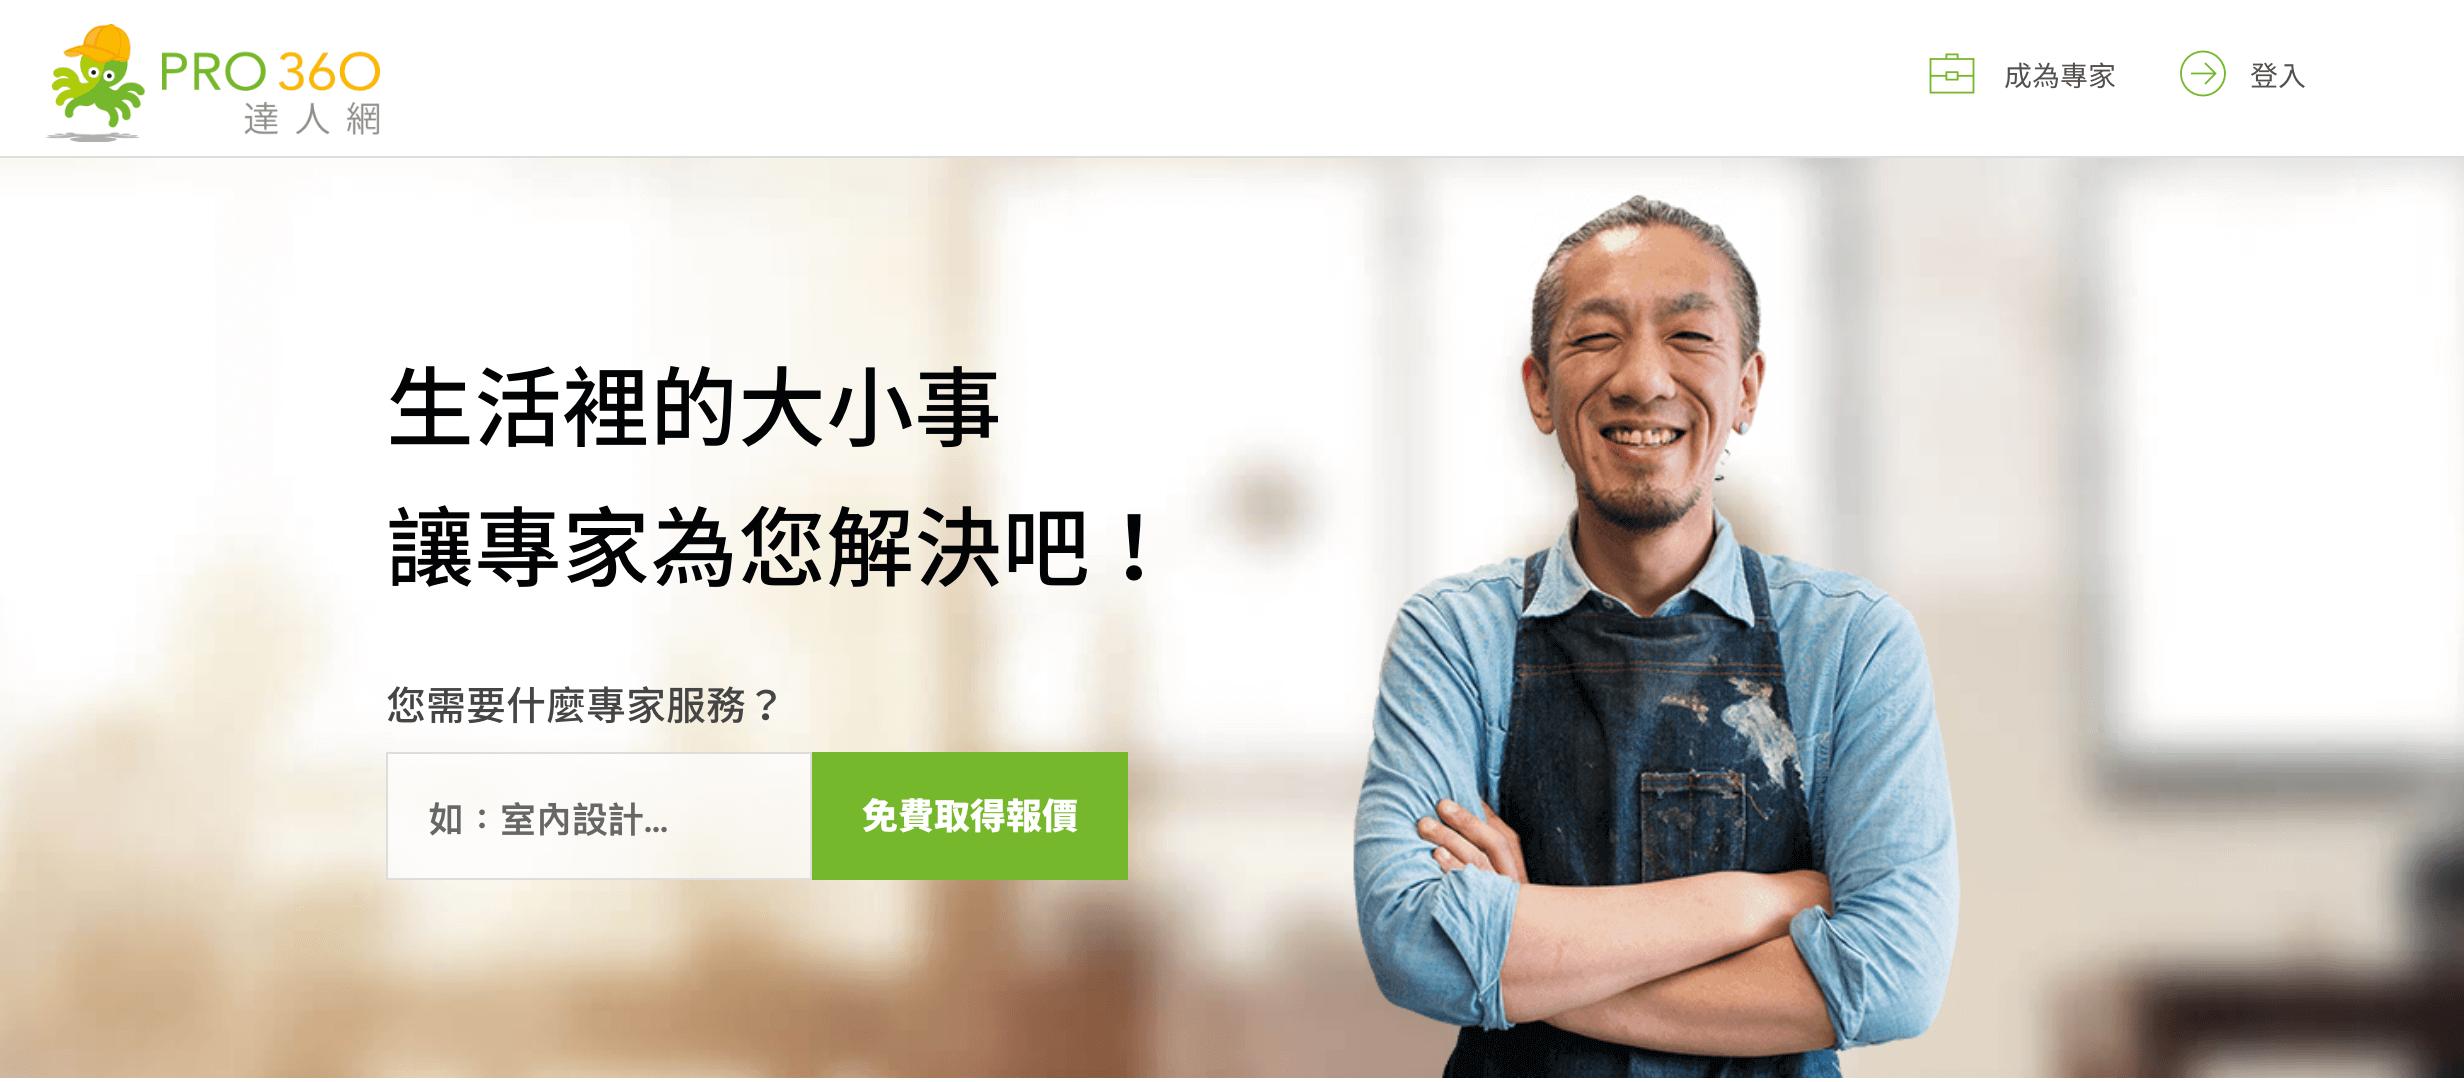 台灣有沒有類似的接案平台,提供比較精準的媒合服務?